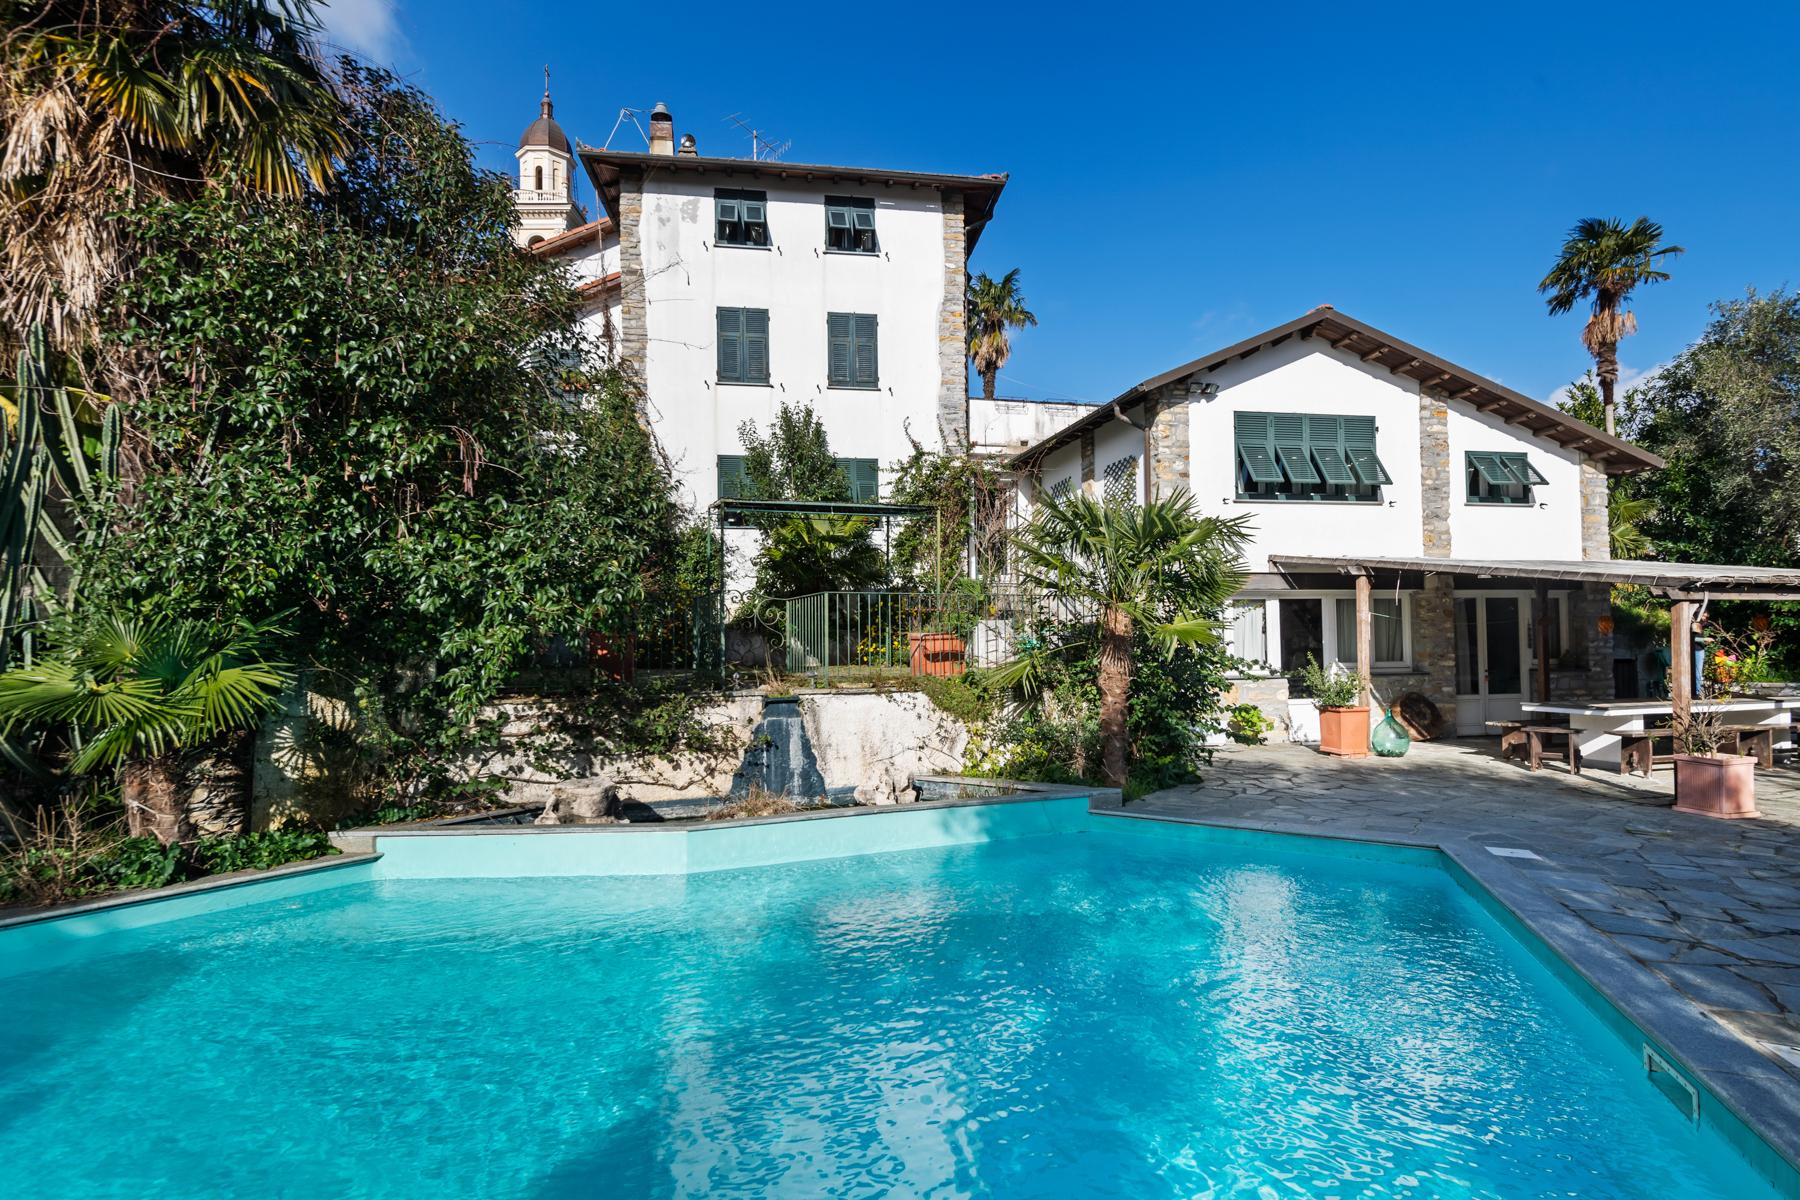 Agenzie Immobiliari A Rapallo villa di lusso in vendita a rapallo via san massimo